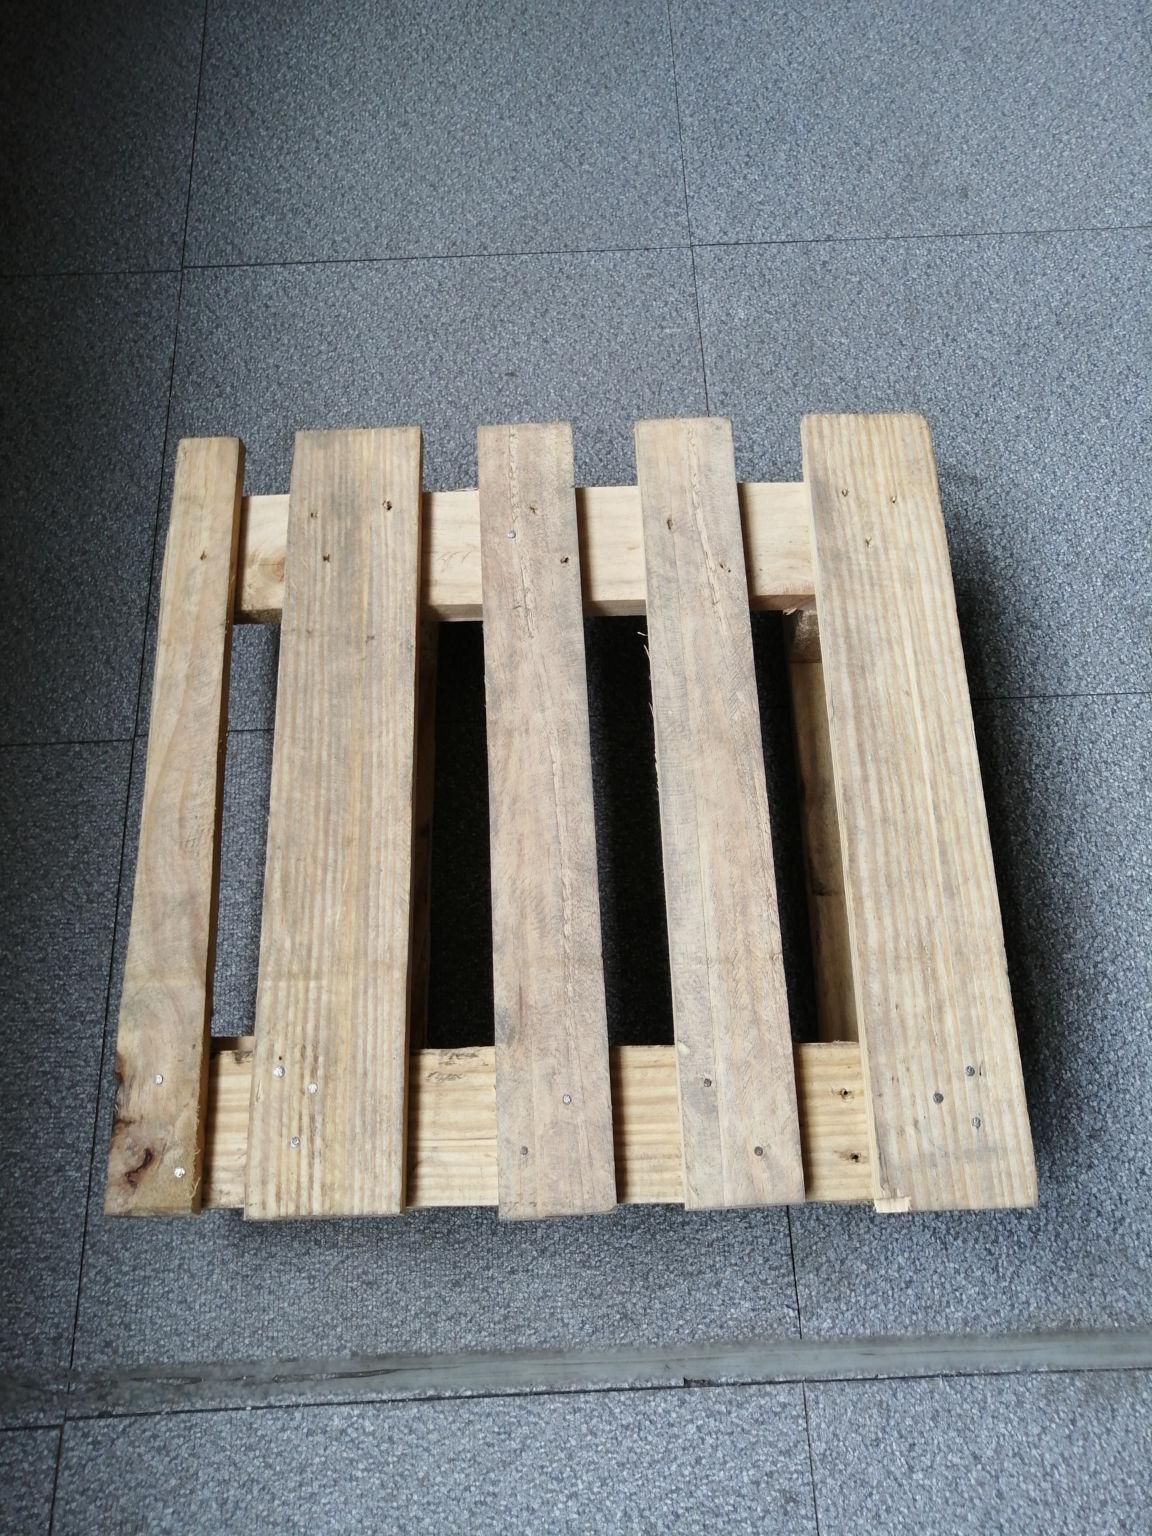 溧阳胶合板木托盘定做生活家居地暖工业胶合板木物流运